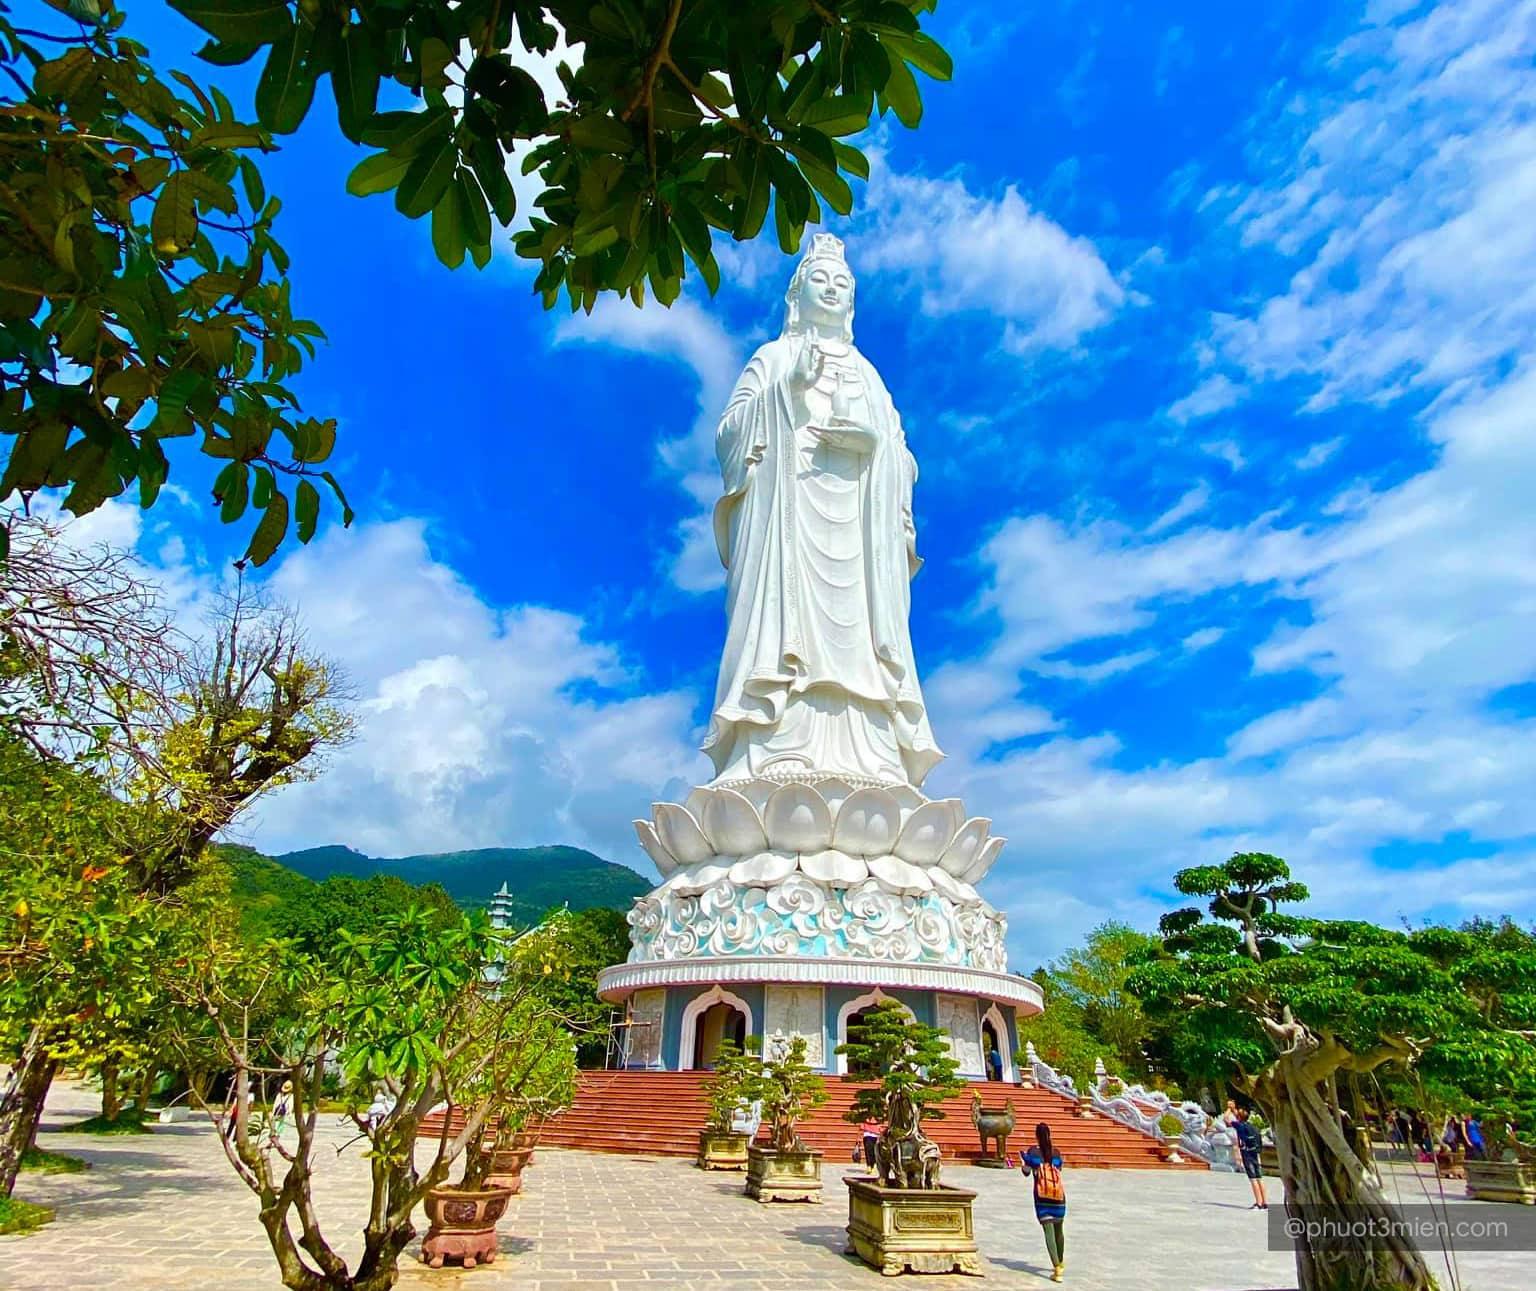 Tour Hà Nội - Đà Nẵng - Bà Nà Hill - Hội An 4 ngày 3 đêm  Qúy II năm 2021